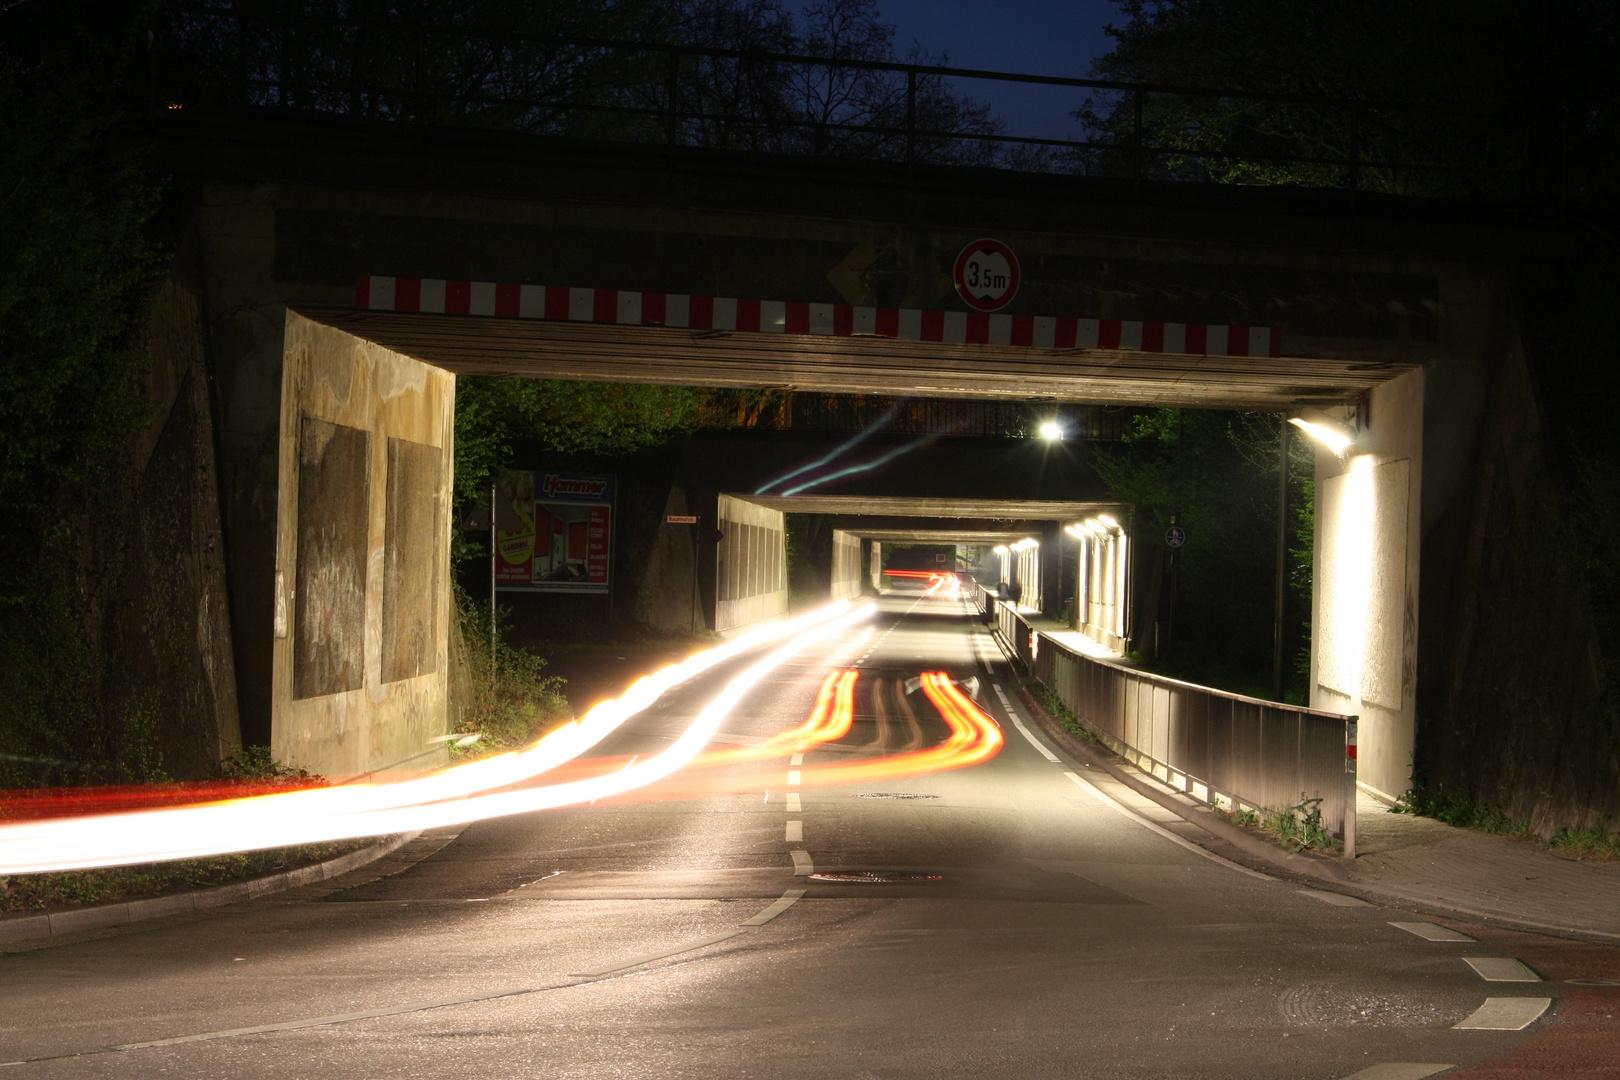 7Brücken In Hamm Lohhauserholz